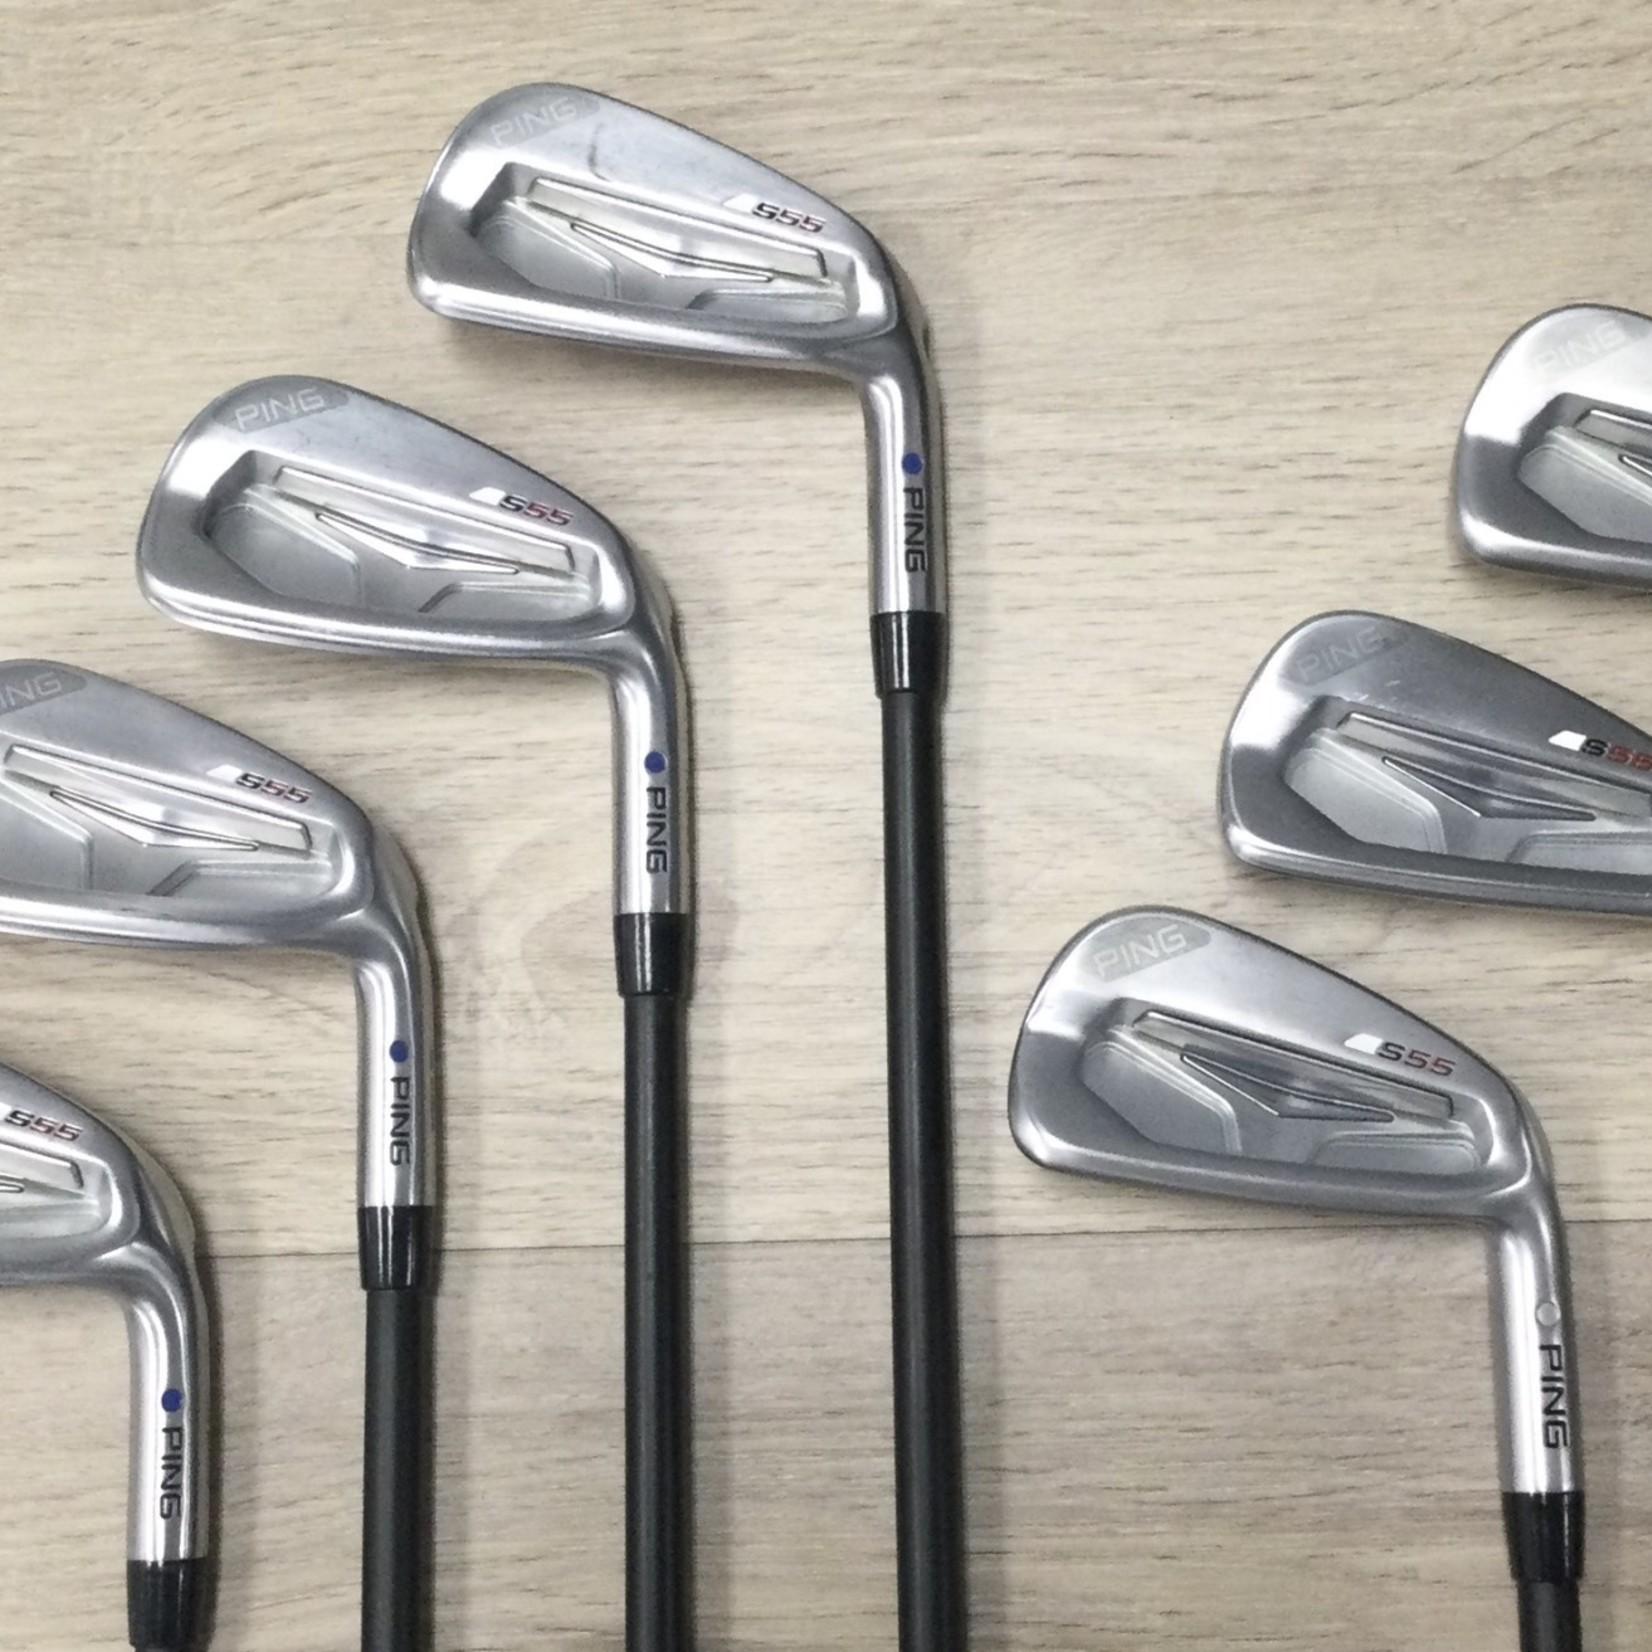 PING PING S55 4-PW Iron Set Graphite Regular (RH)